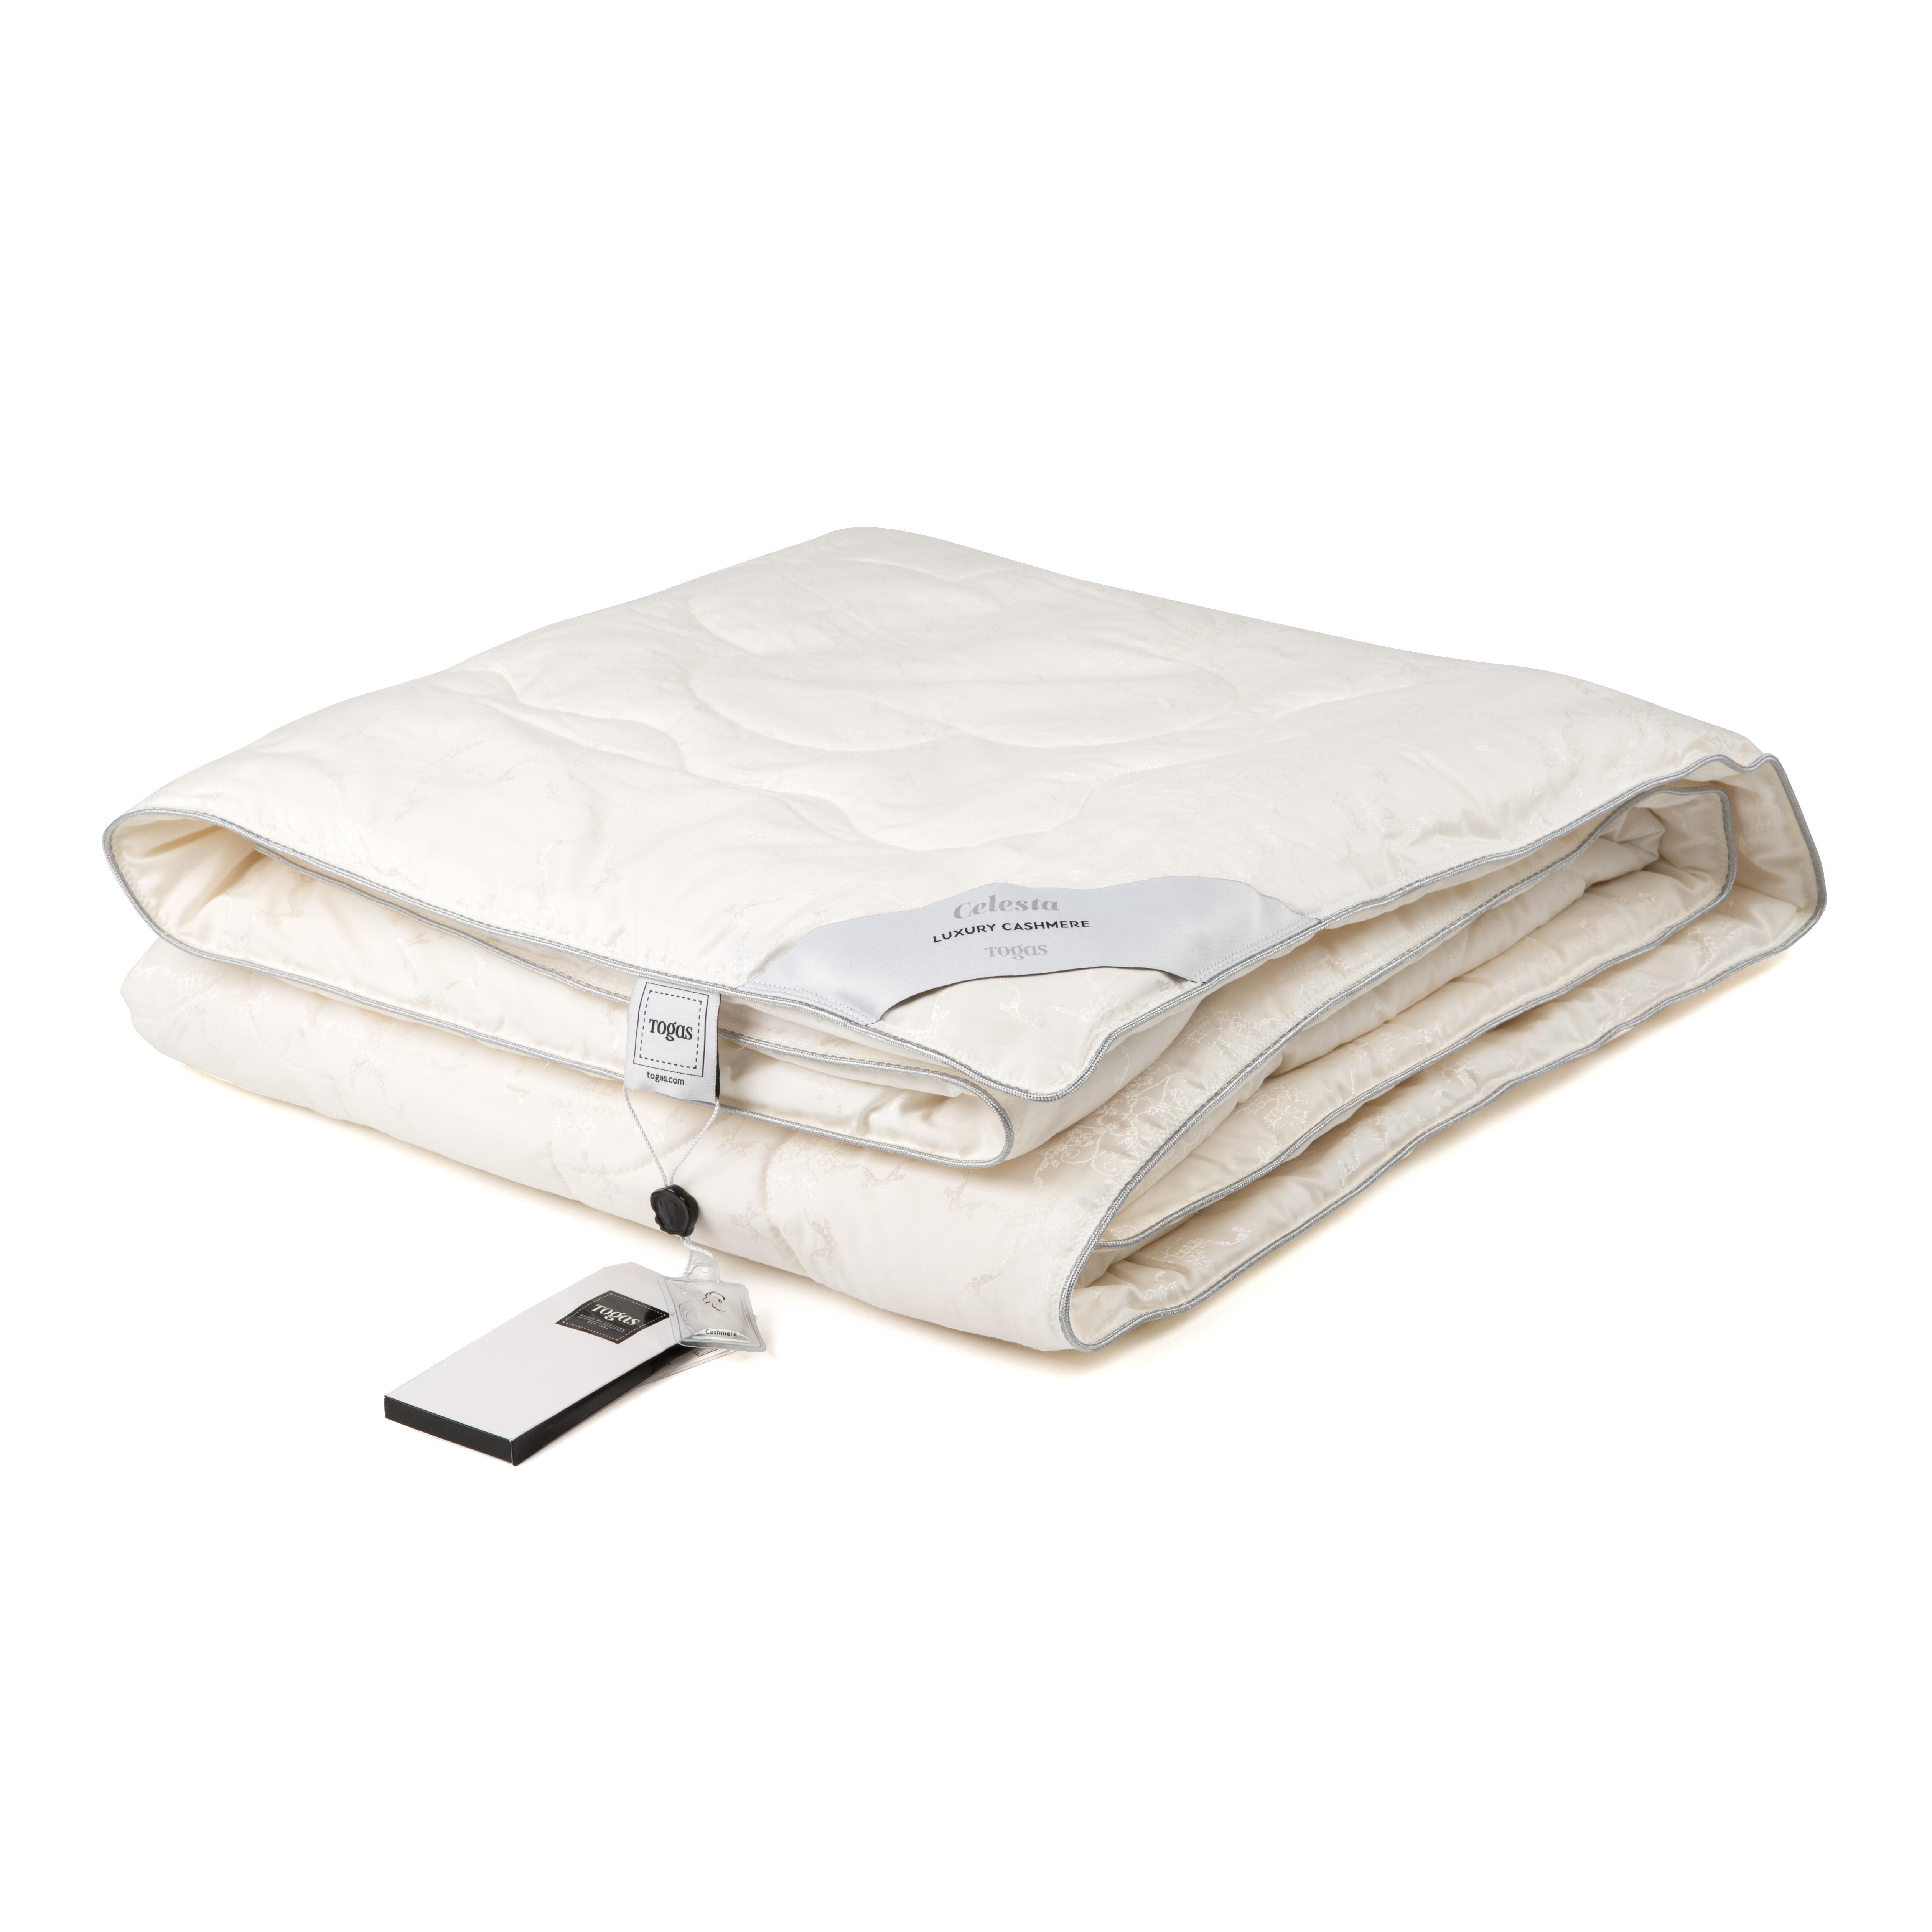 Одеяла Togas Одеяло Селеста (220х240 см) одеяла togas одеяло гелиос 220х240 см